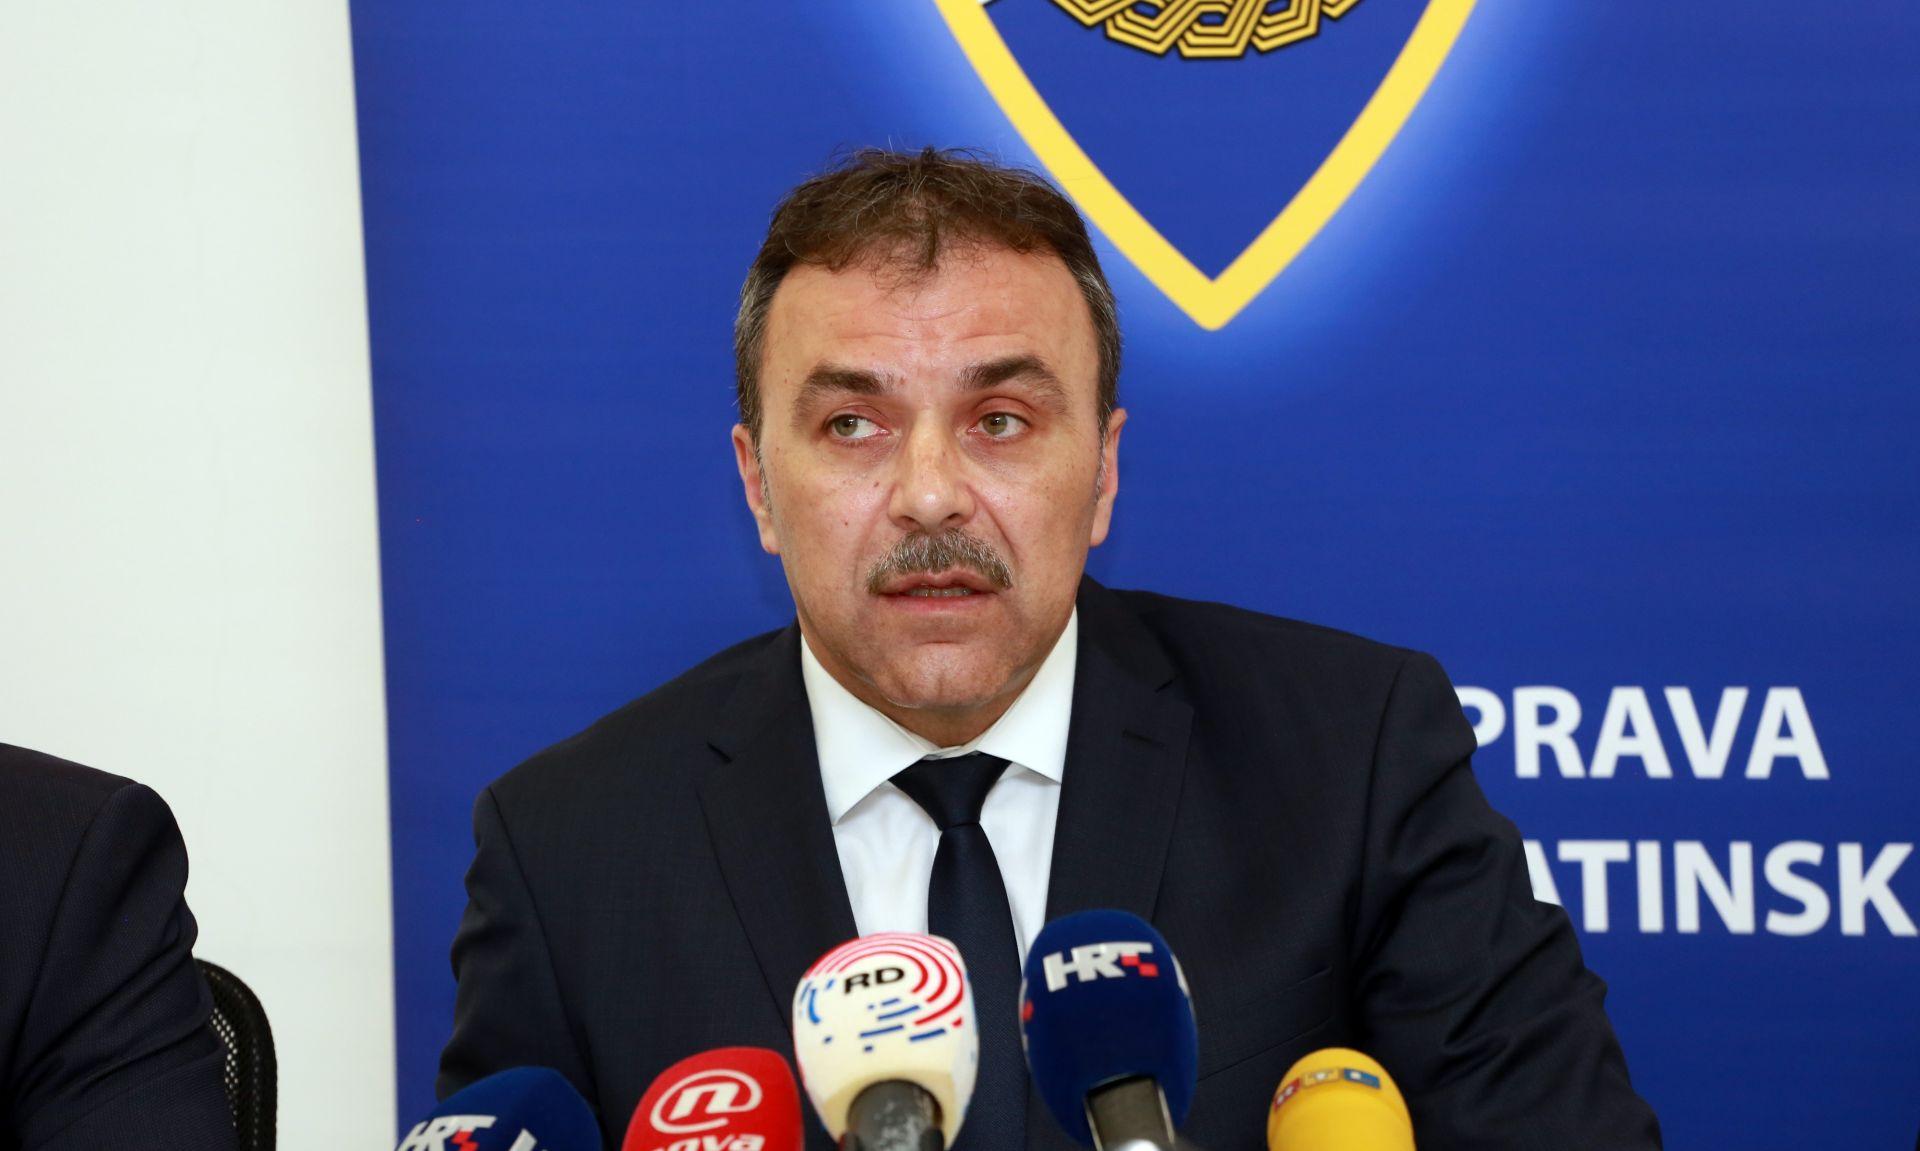 Leković i Orepić o mržnji, netoleranciji i napadima na novinare